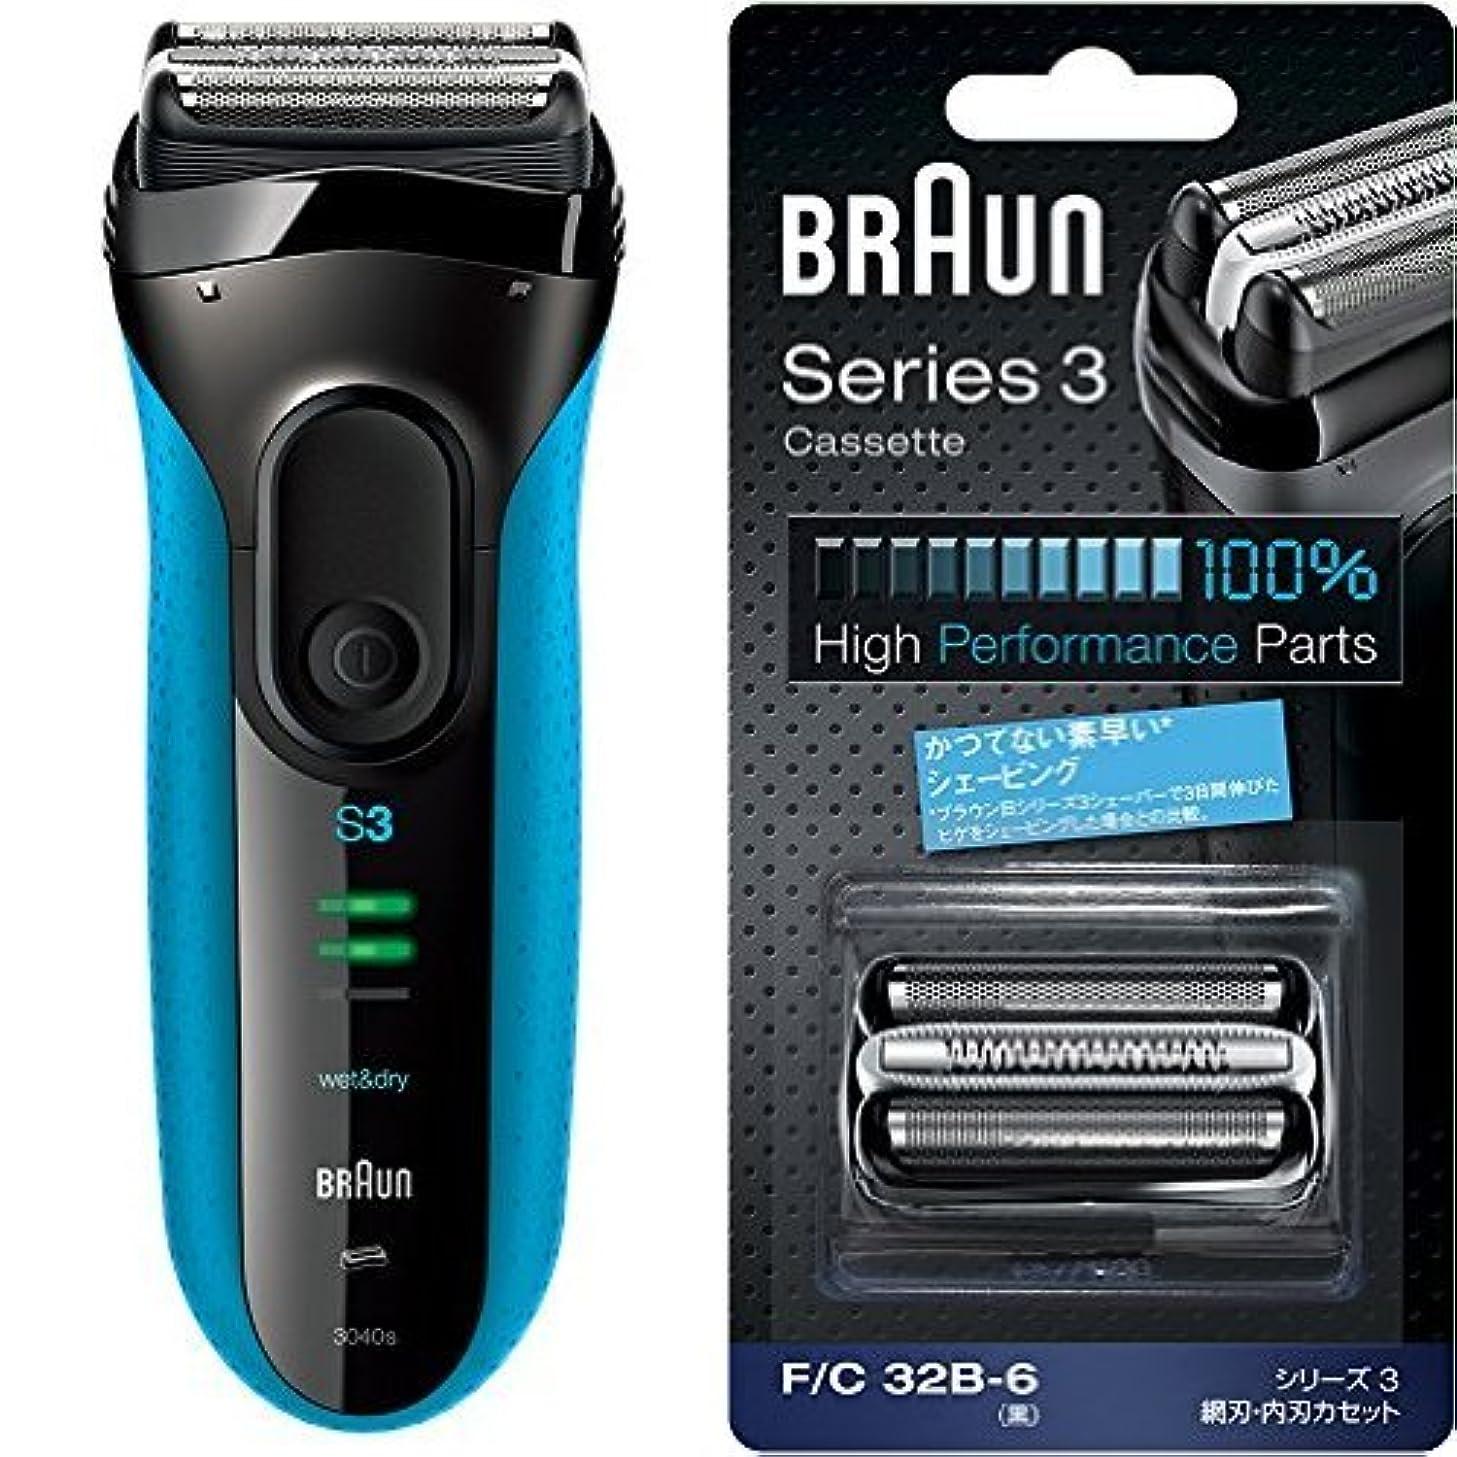 ブラウン シリーズ3 メンズシェーバー 3040s 3枚刃 お風呂剃り可+網刃?内刃一体型カセット ブラック F/C32B-6 正規品